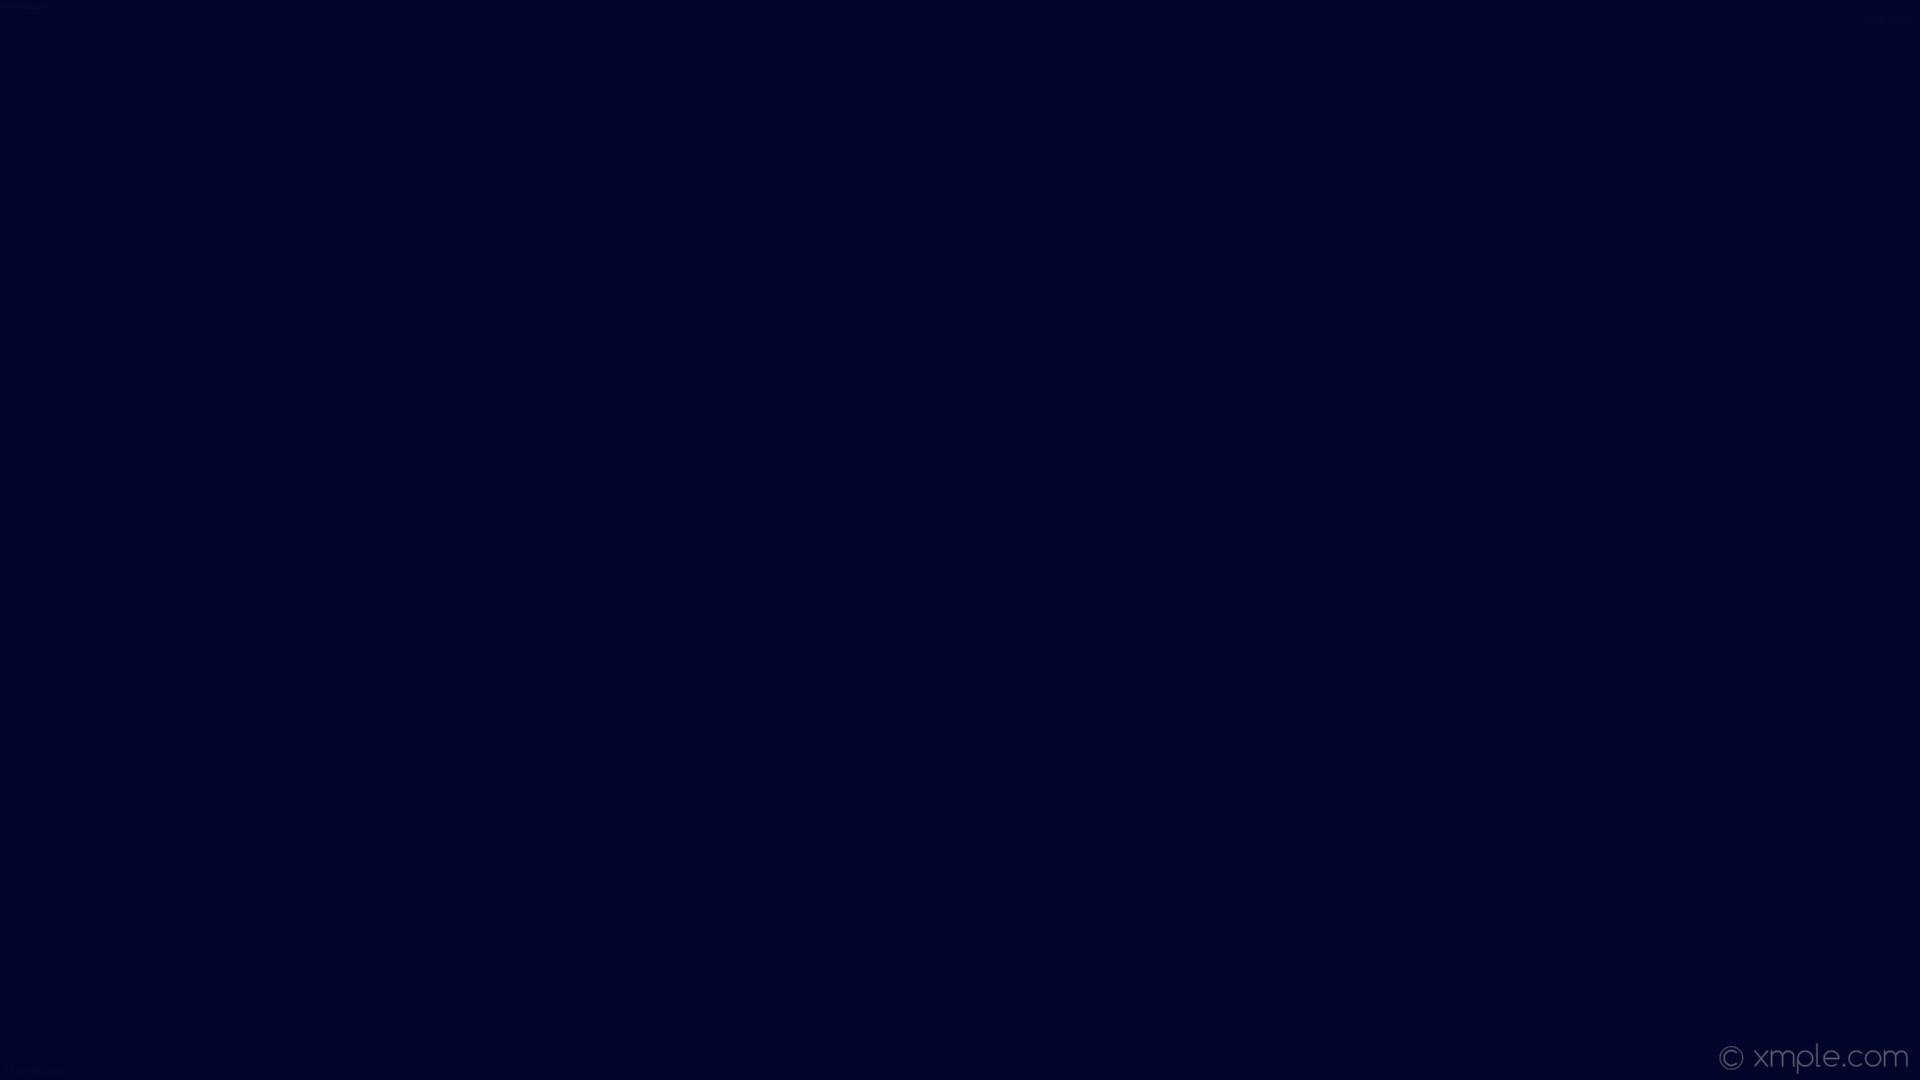 wallpaper one colour blue single solid color plain dark blue #02052a